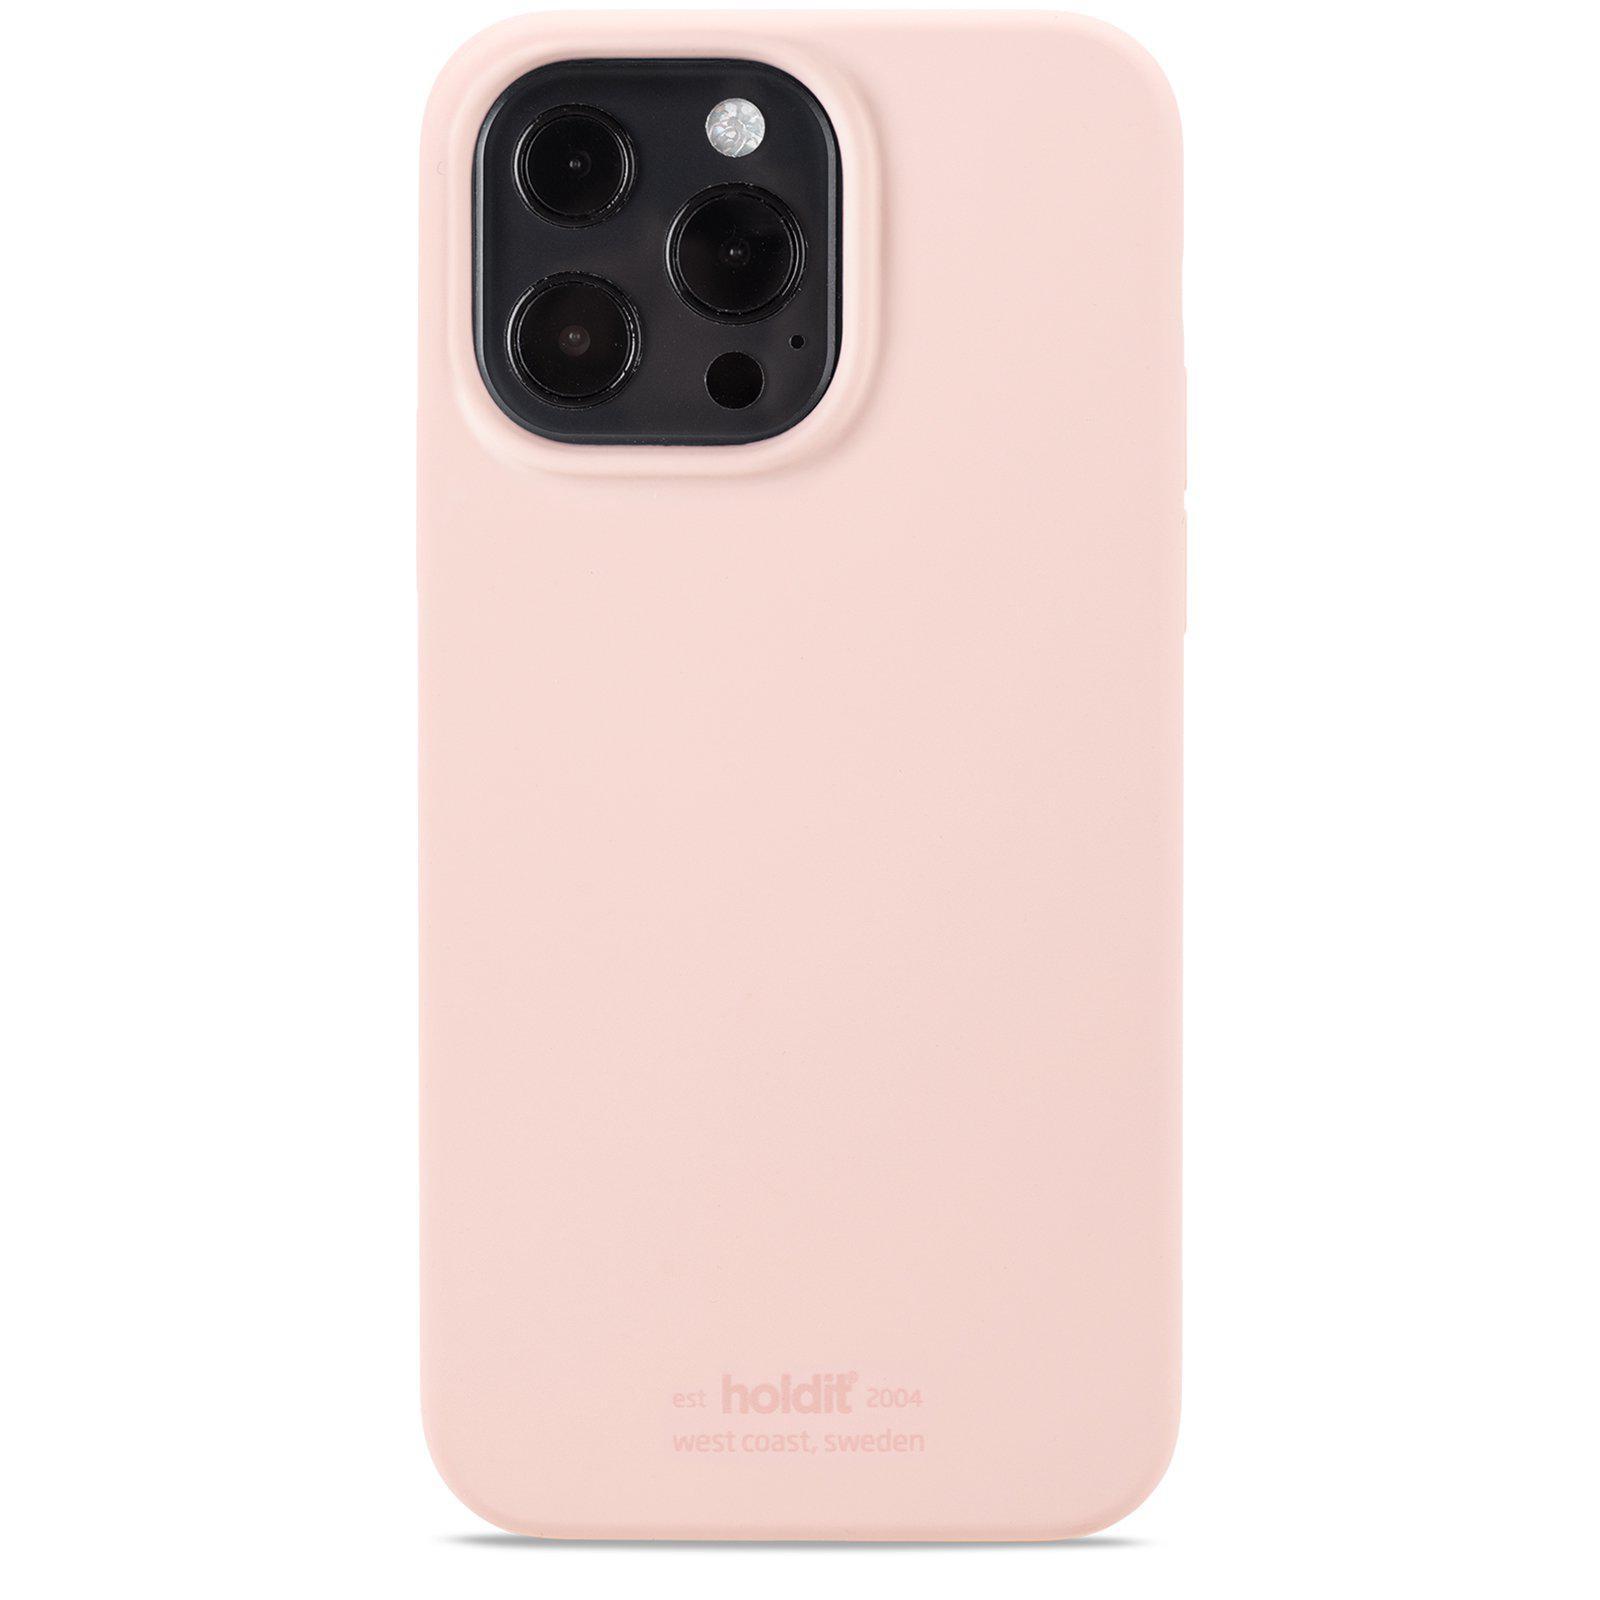 Silikonikuori iPhone 13 Pro Max Blush Pink